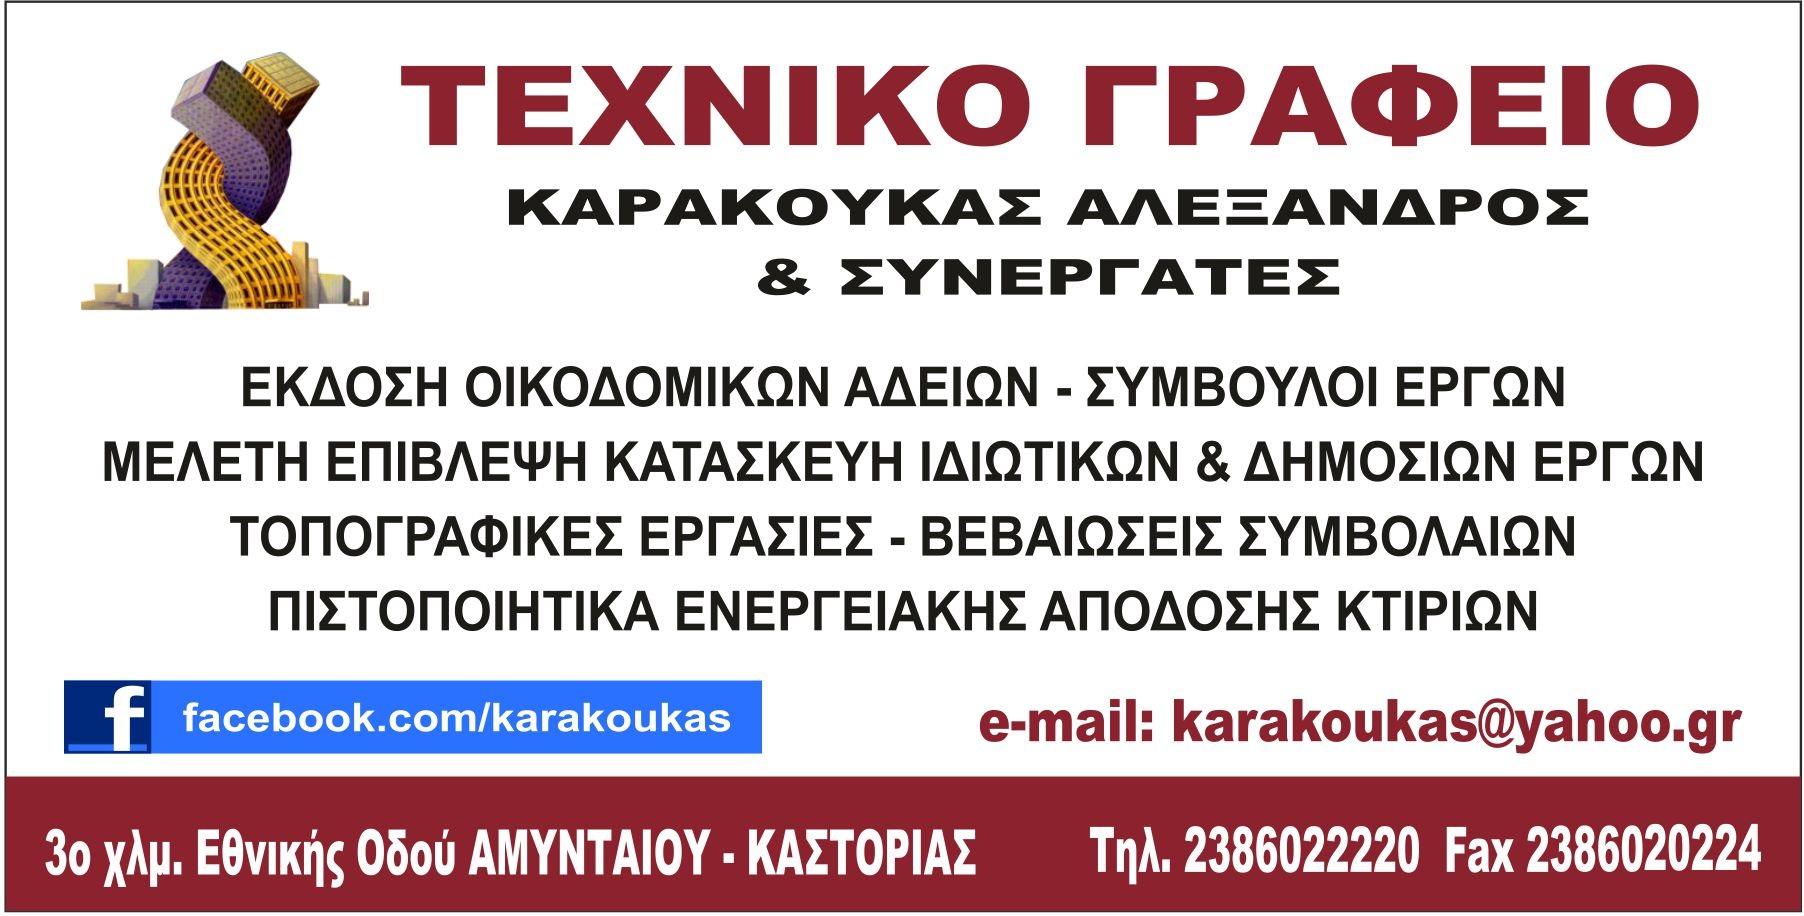 karakoukas